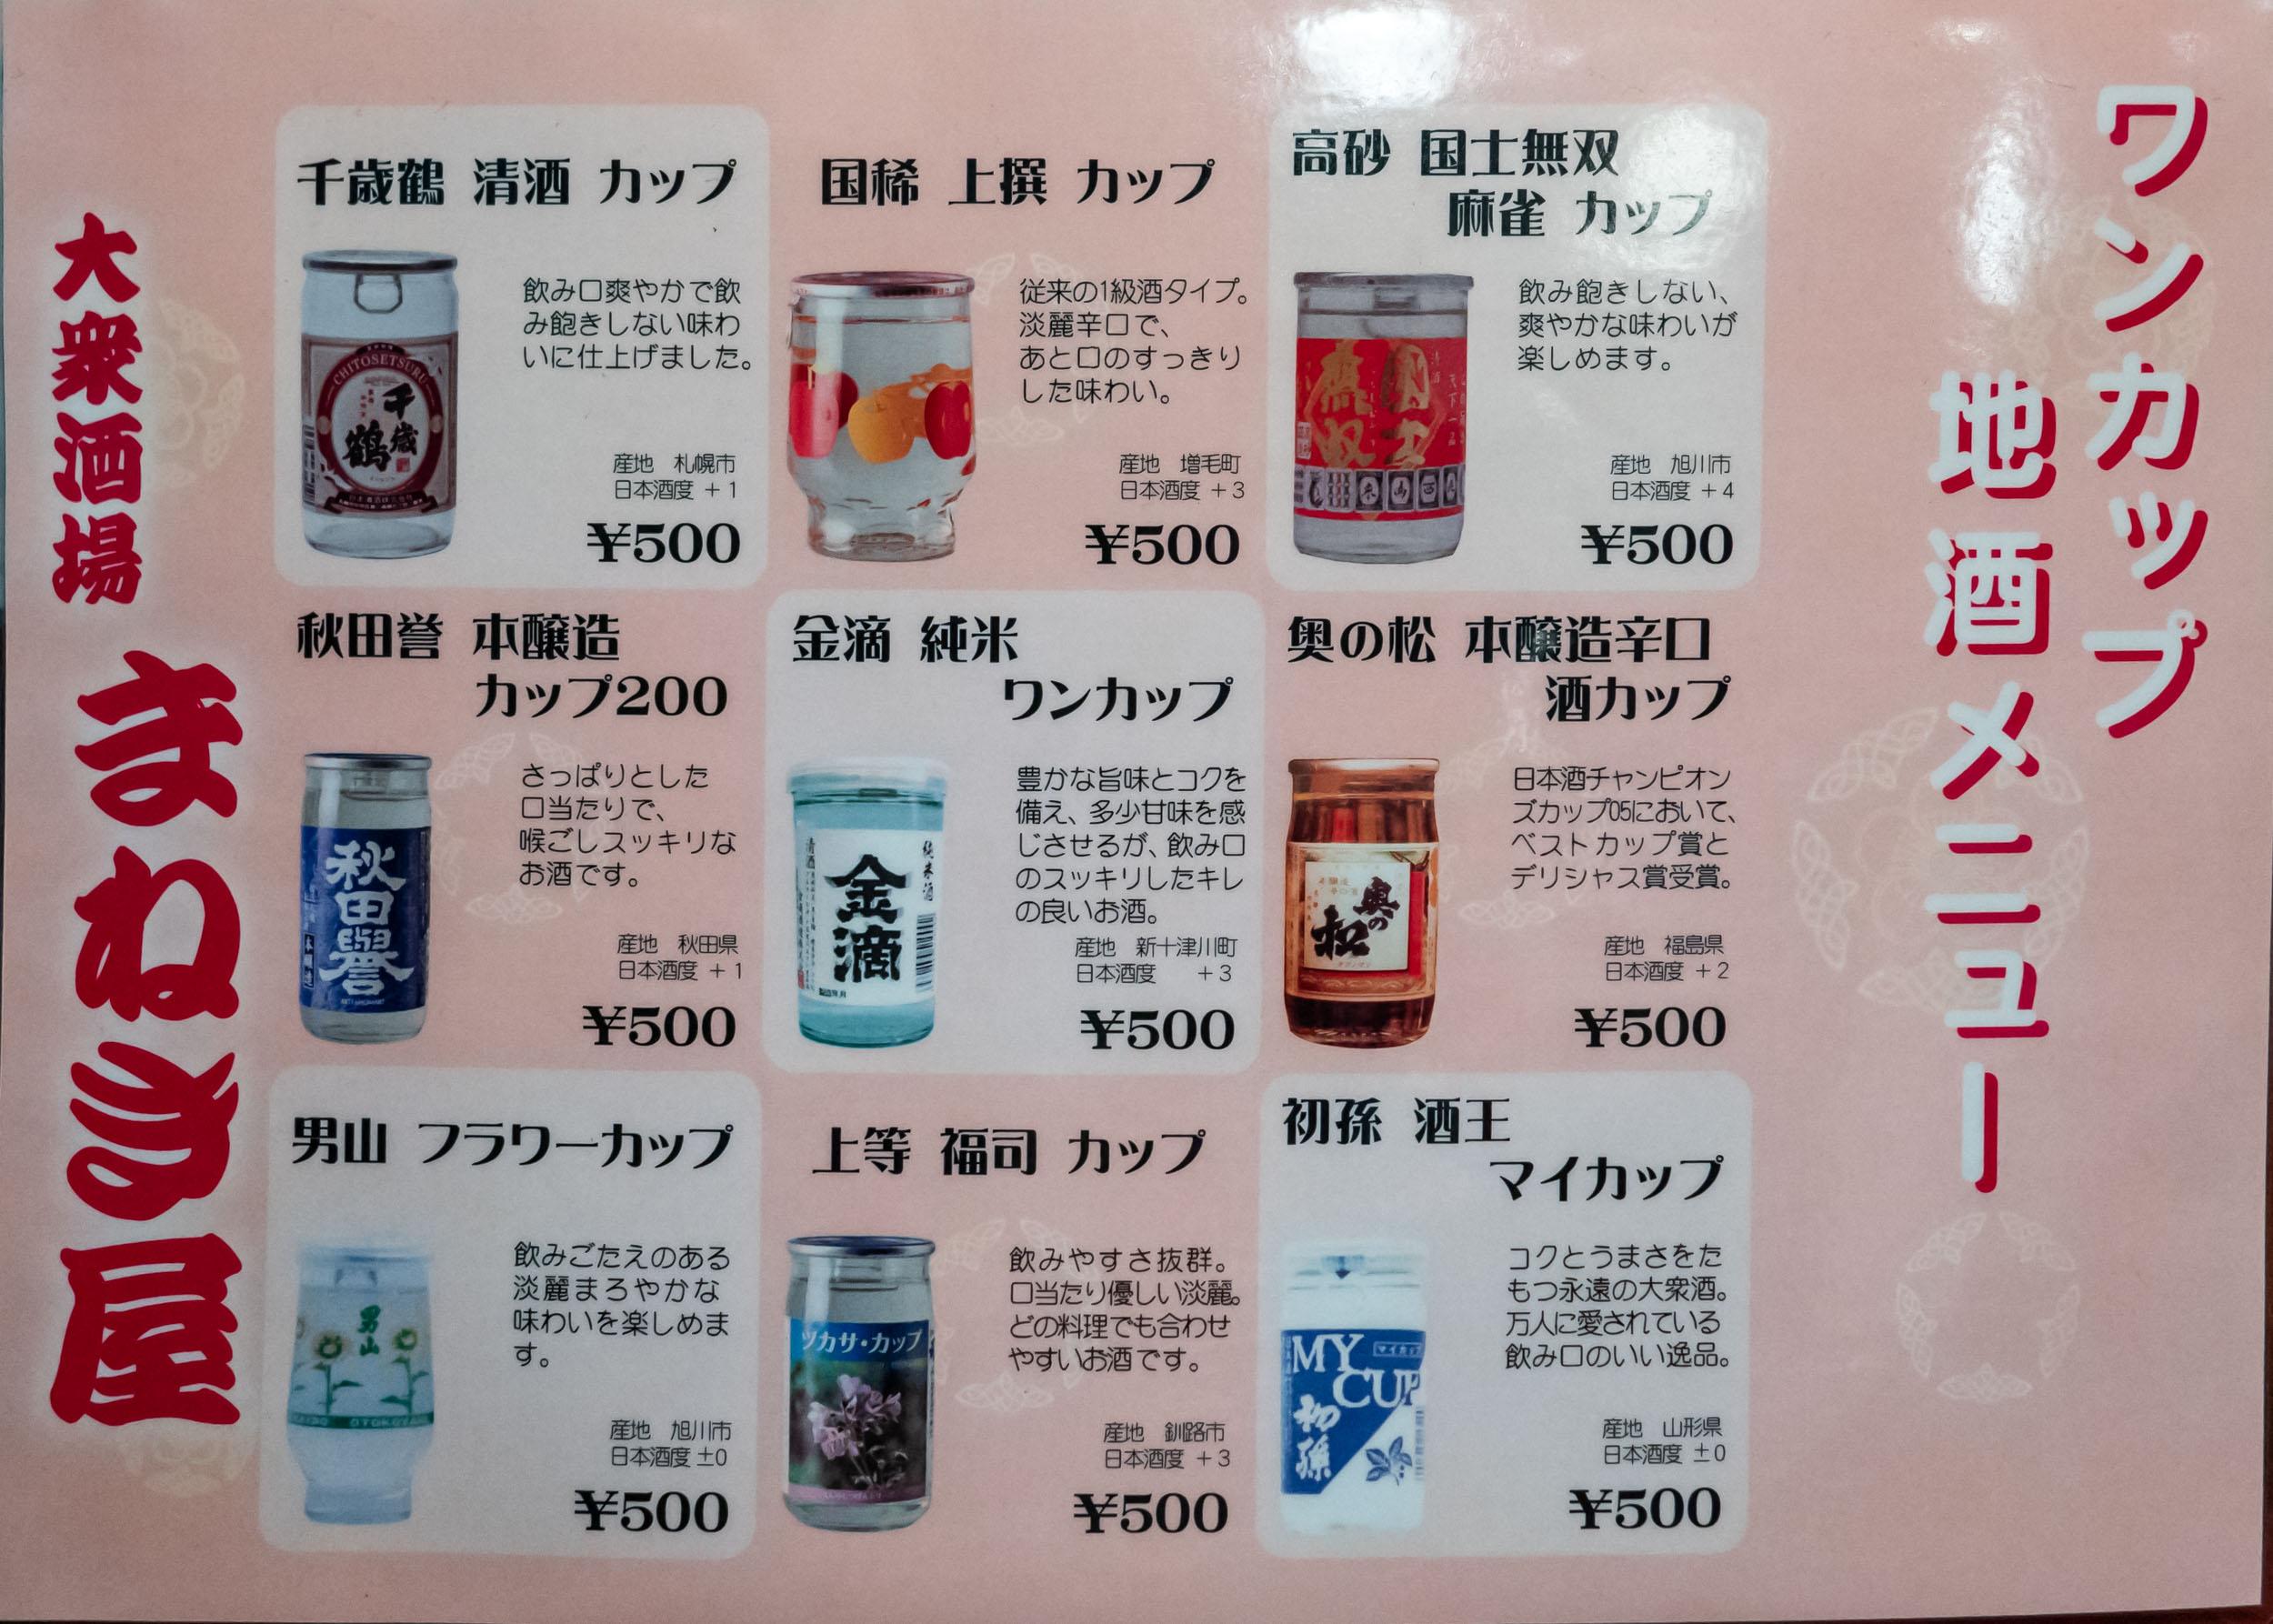 大衆酒場まねき屋 本店のワンカップ地酒メニュー DMC-GX8 + LEICA DG 12-60mm